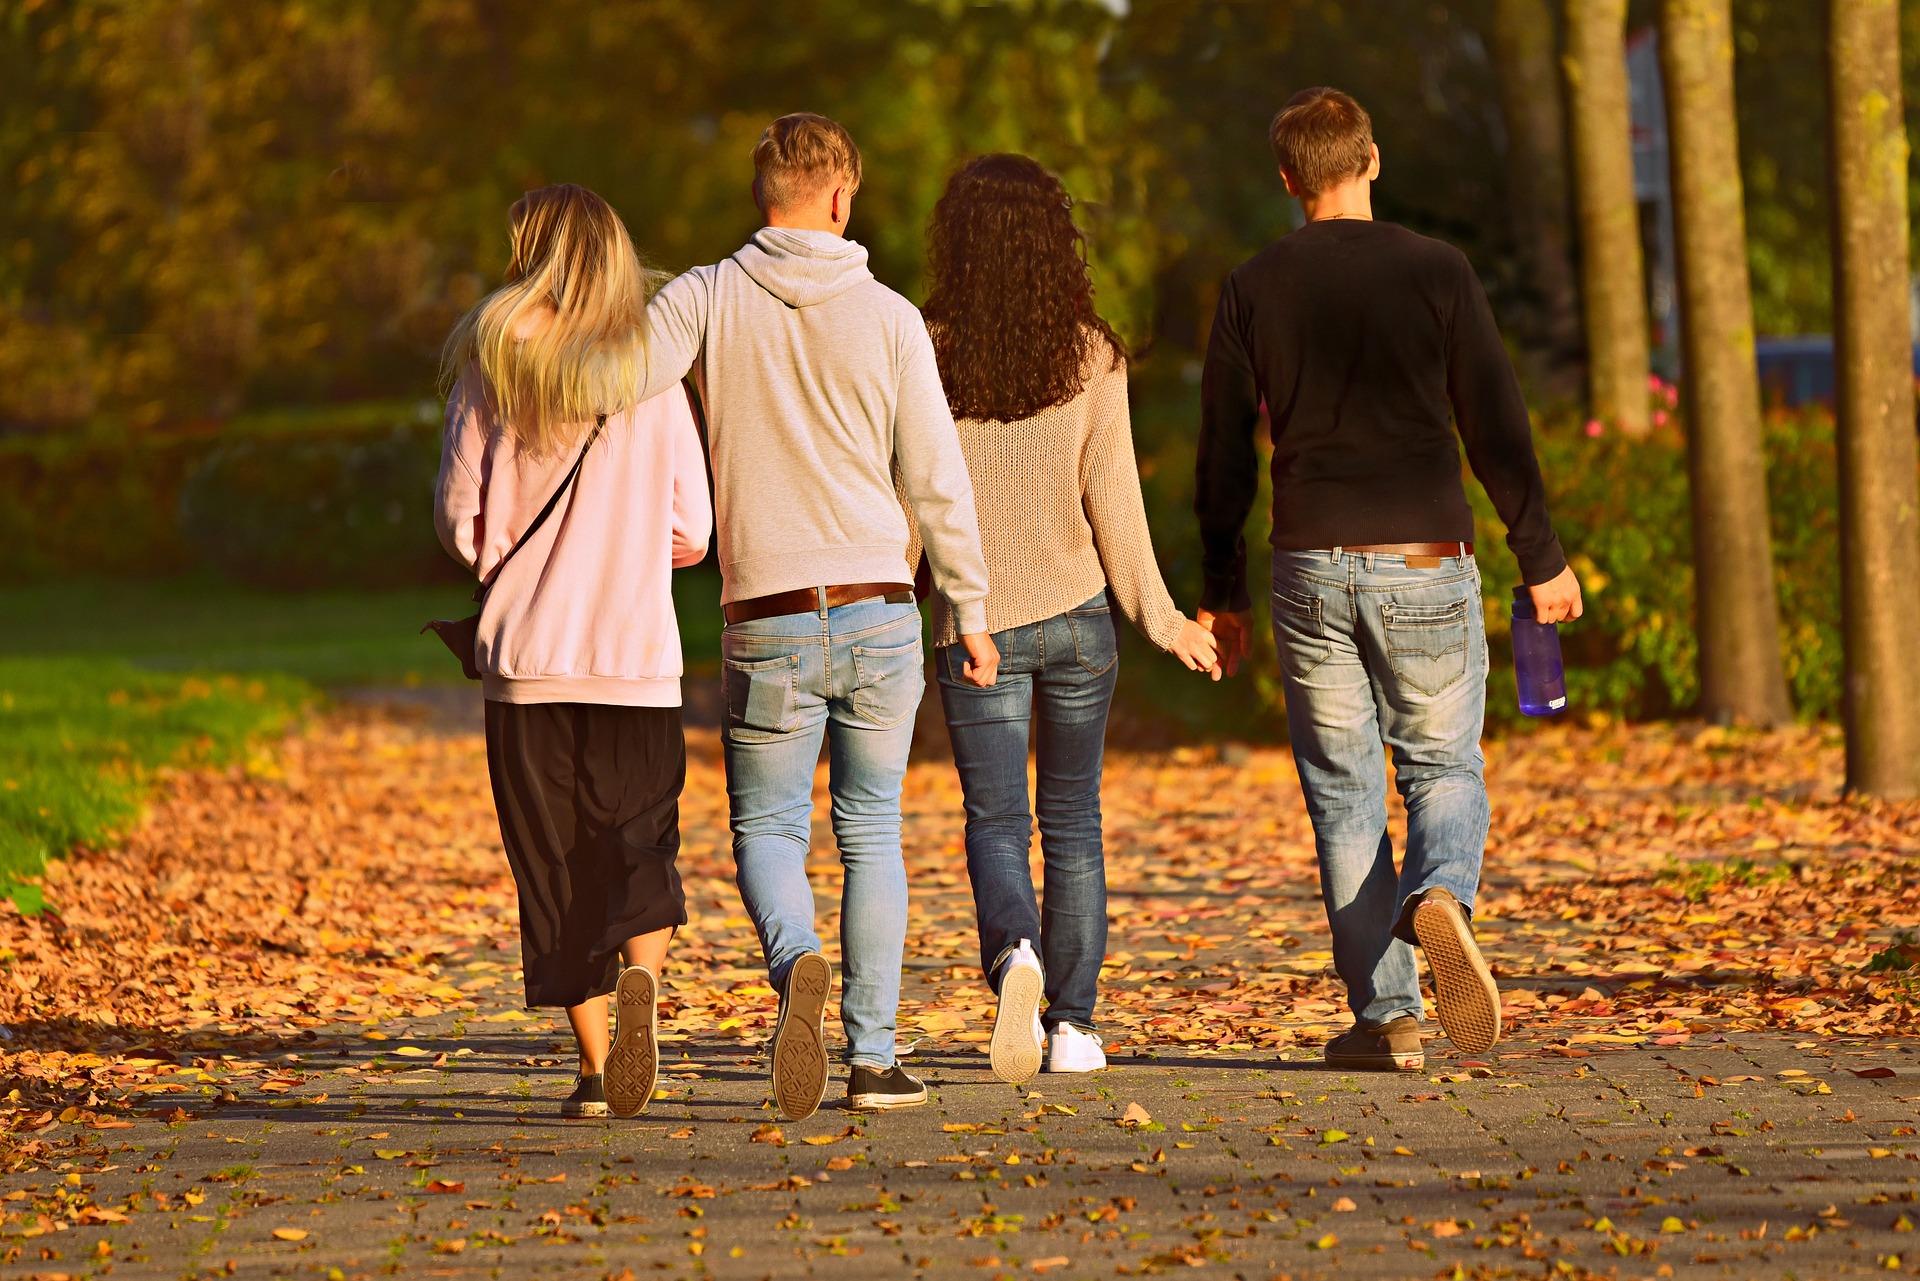 El Pleno de la Sala Segunda del Tribunal Supremo fija criterio en los casos de agresiones recíprocas hombre-mujer que sean pareja o expareja